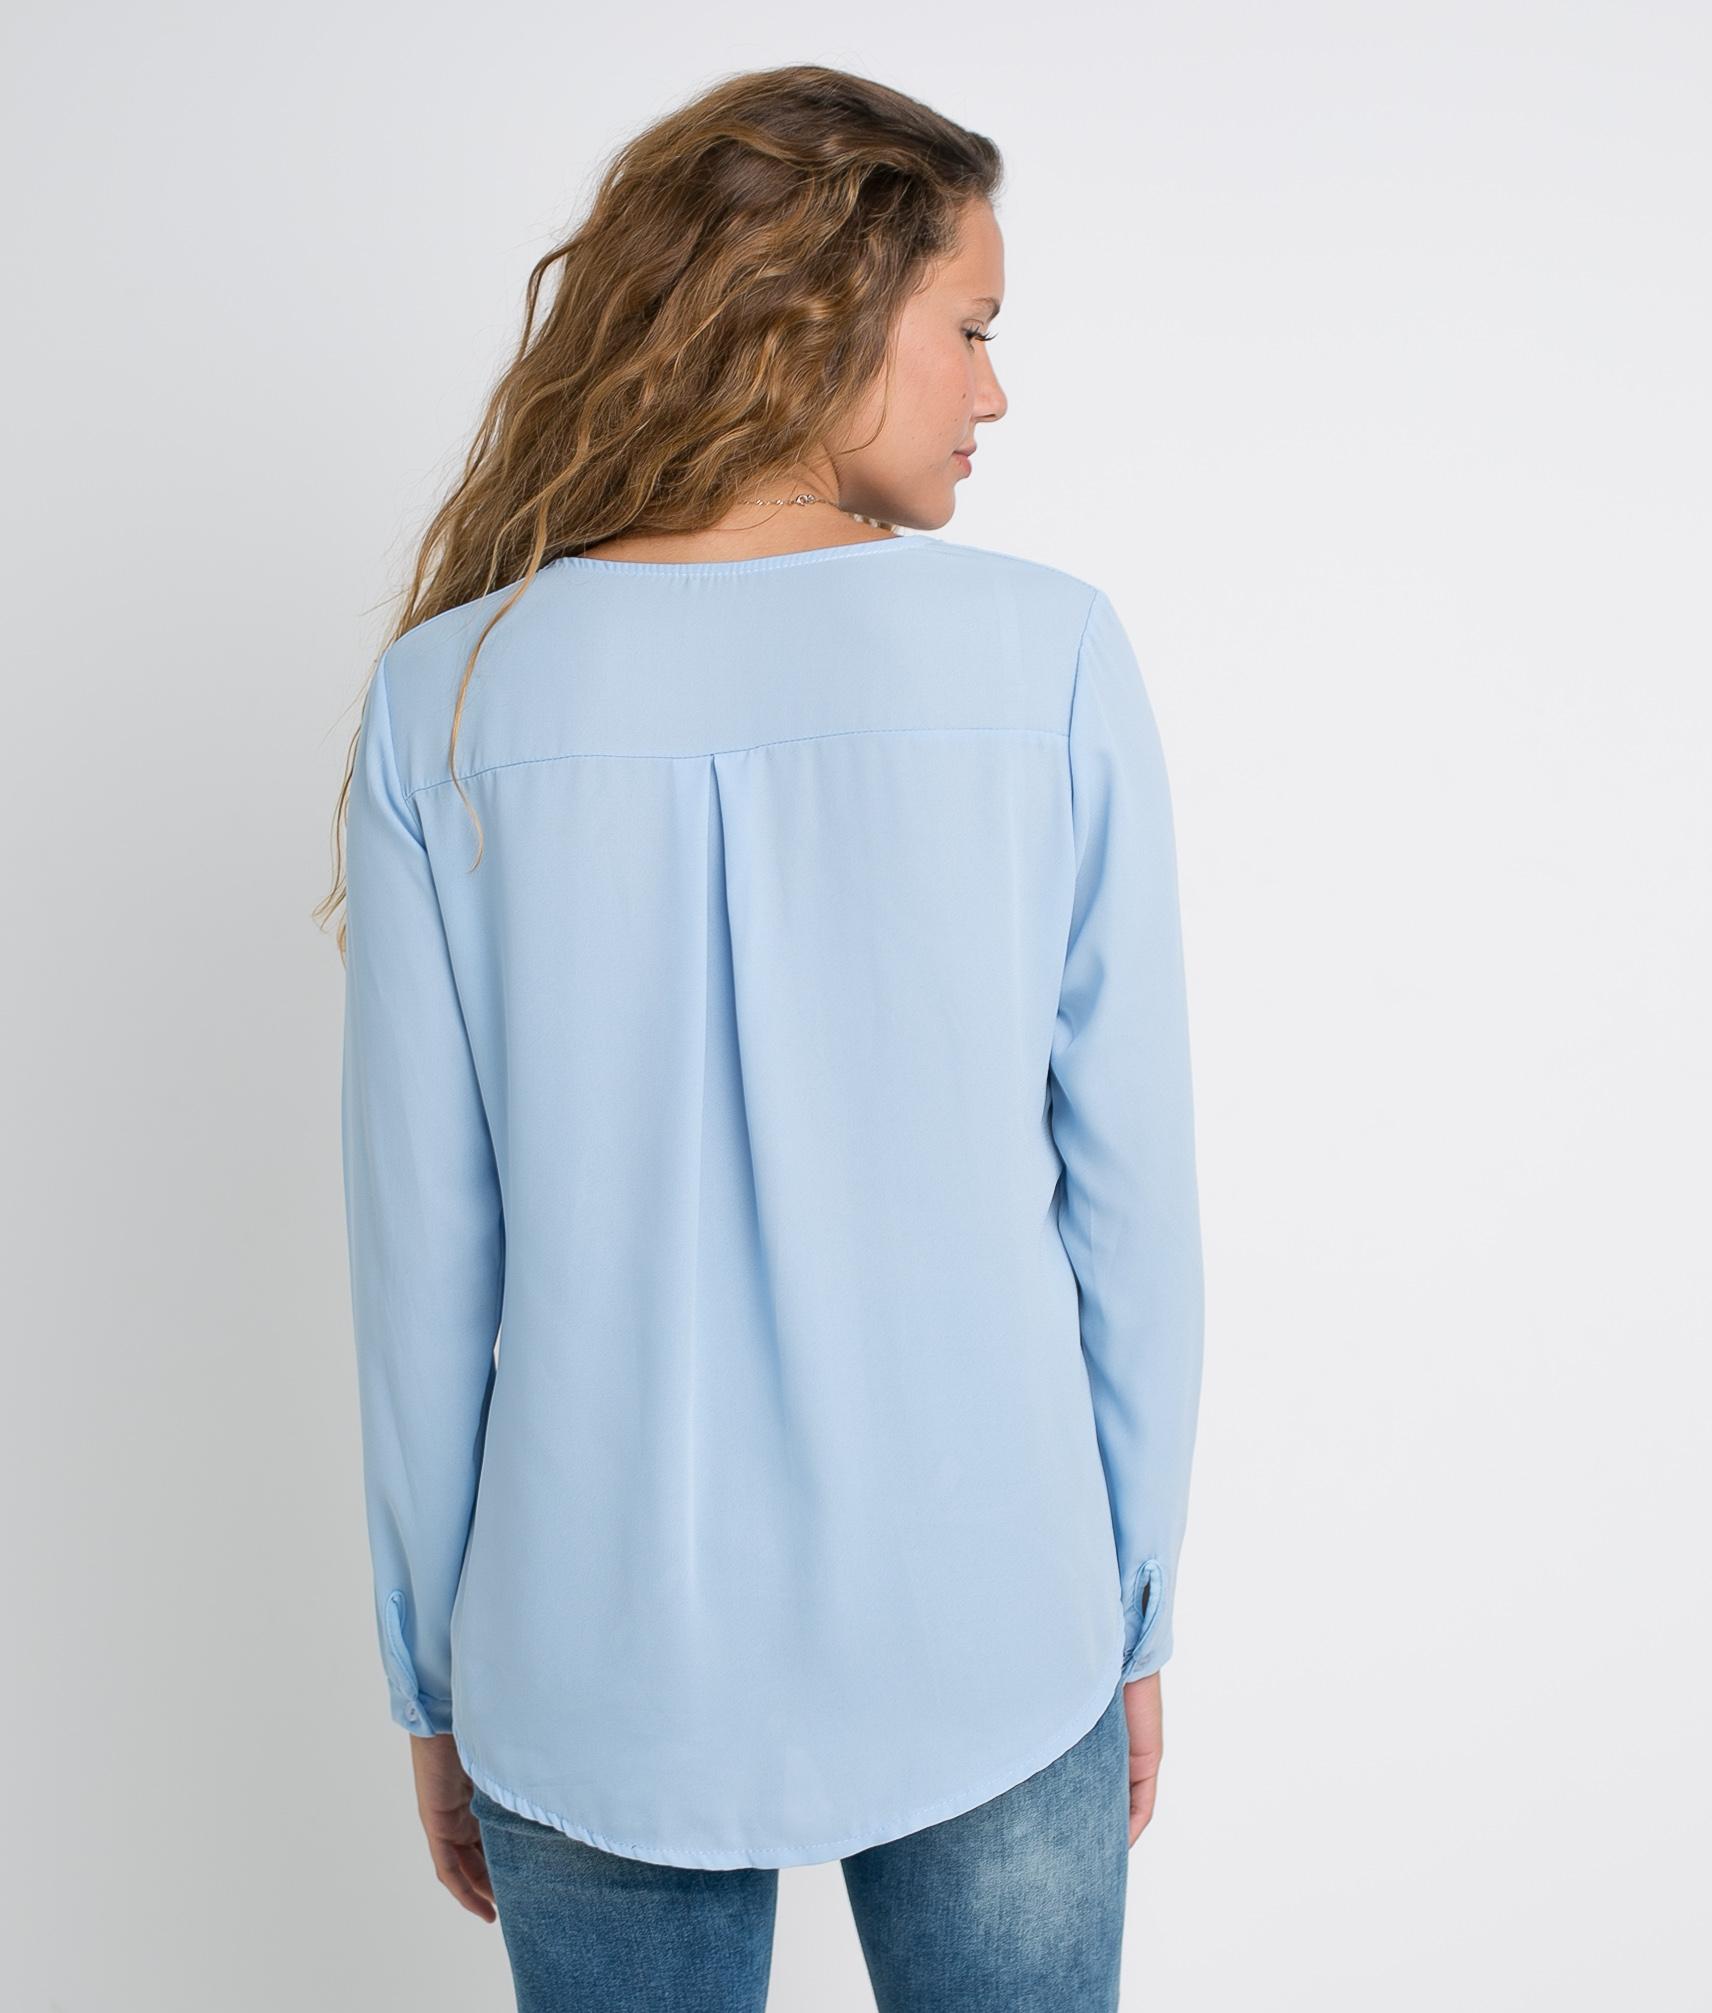 T-shirt Hamjo - Blue